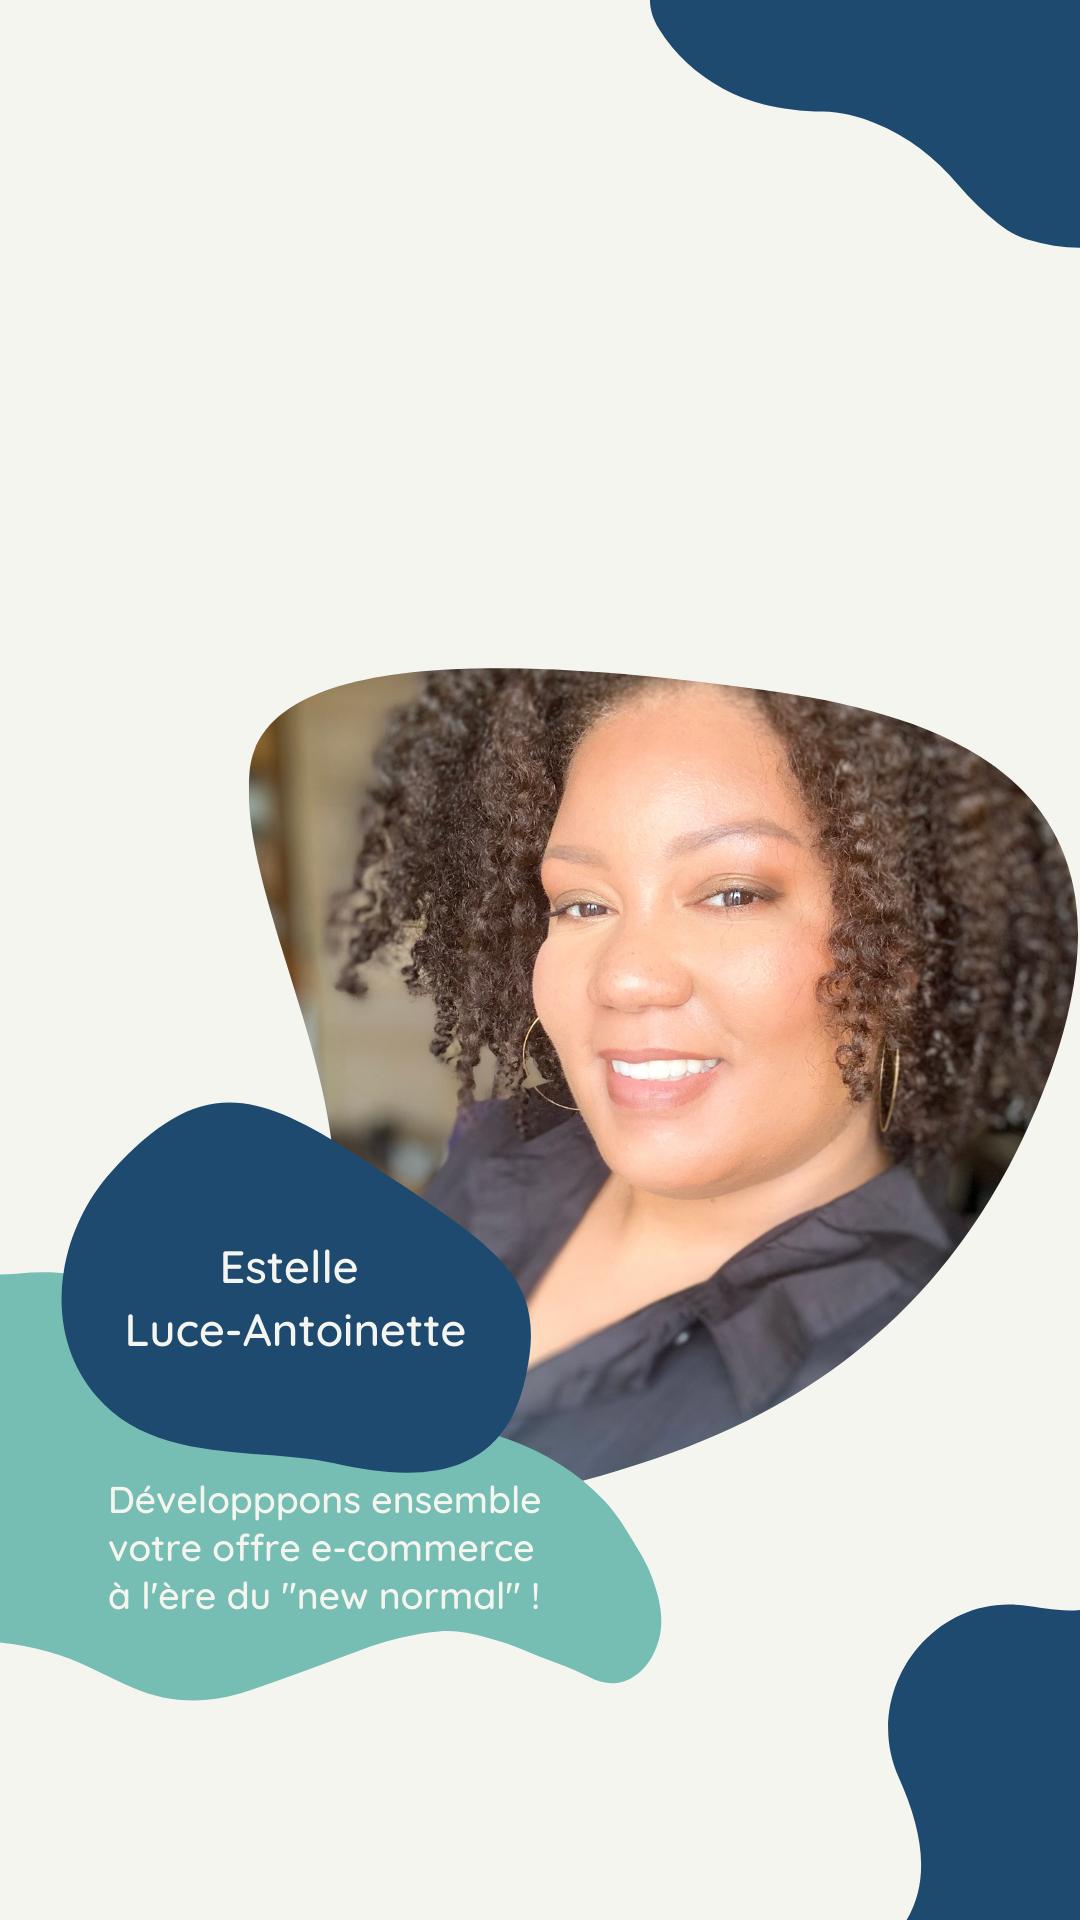 Estelle_LA_ShoppersMatters_ecommerce